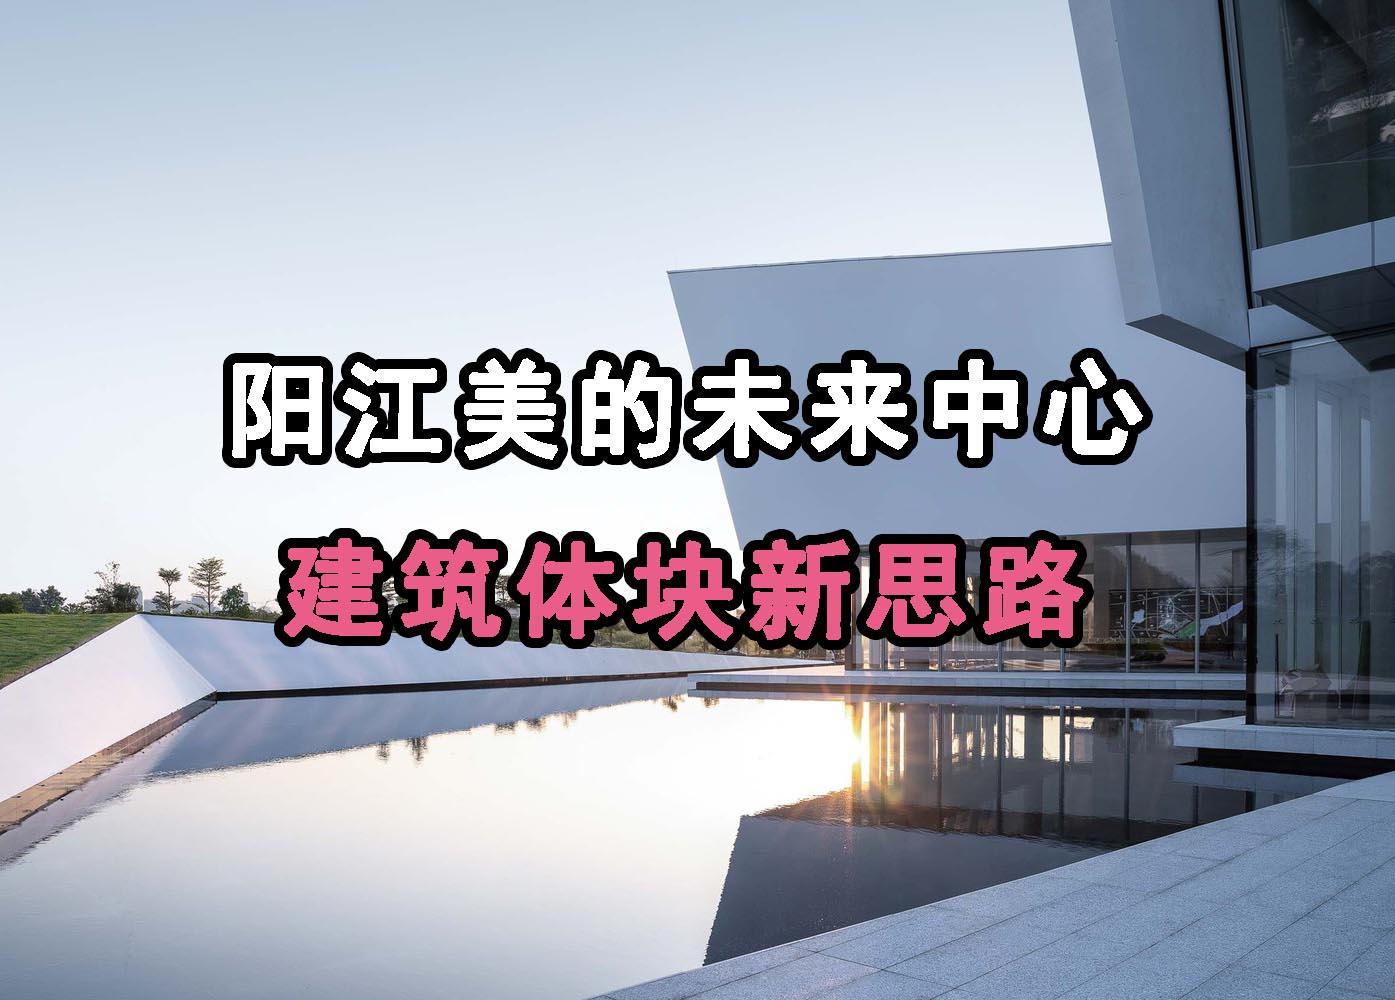 阳江美的未来中心,未来建筑体块新探索